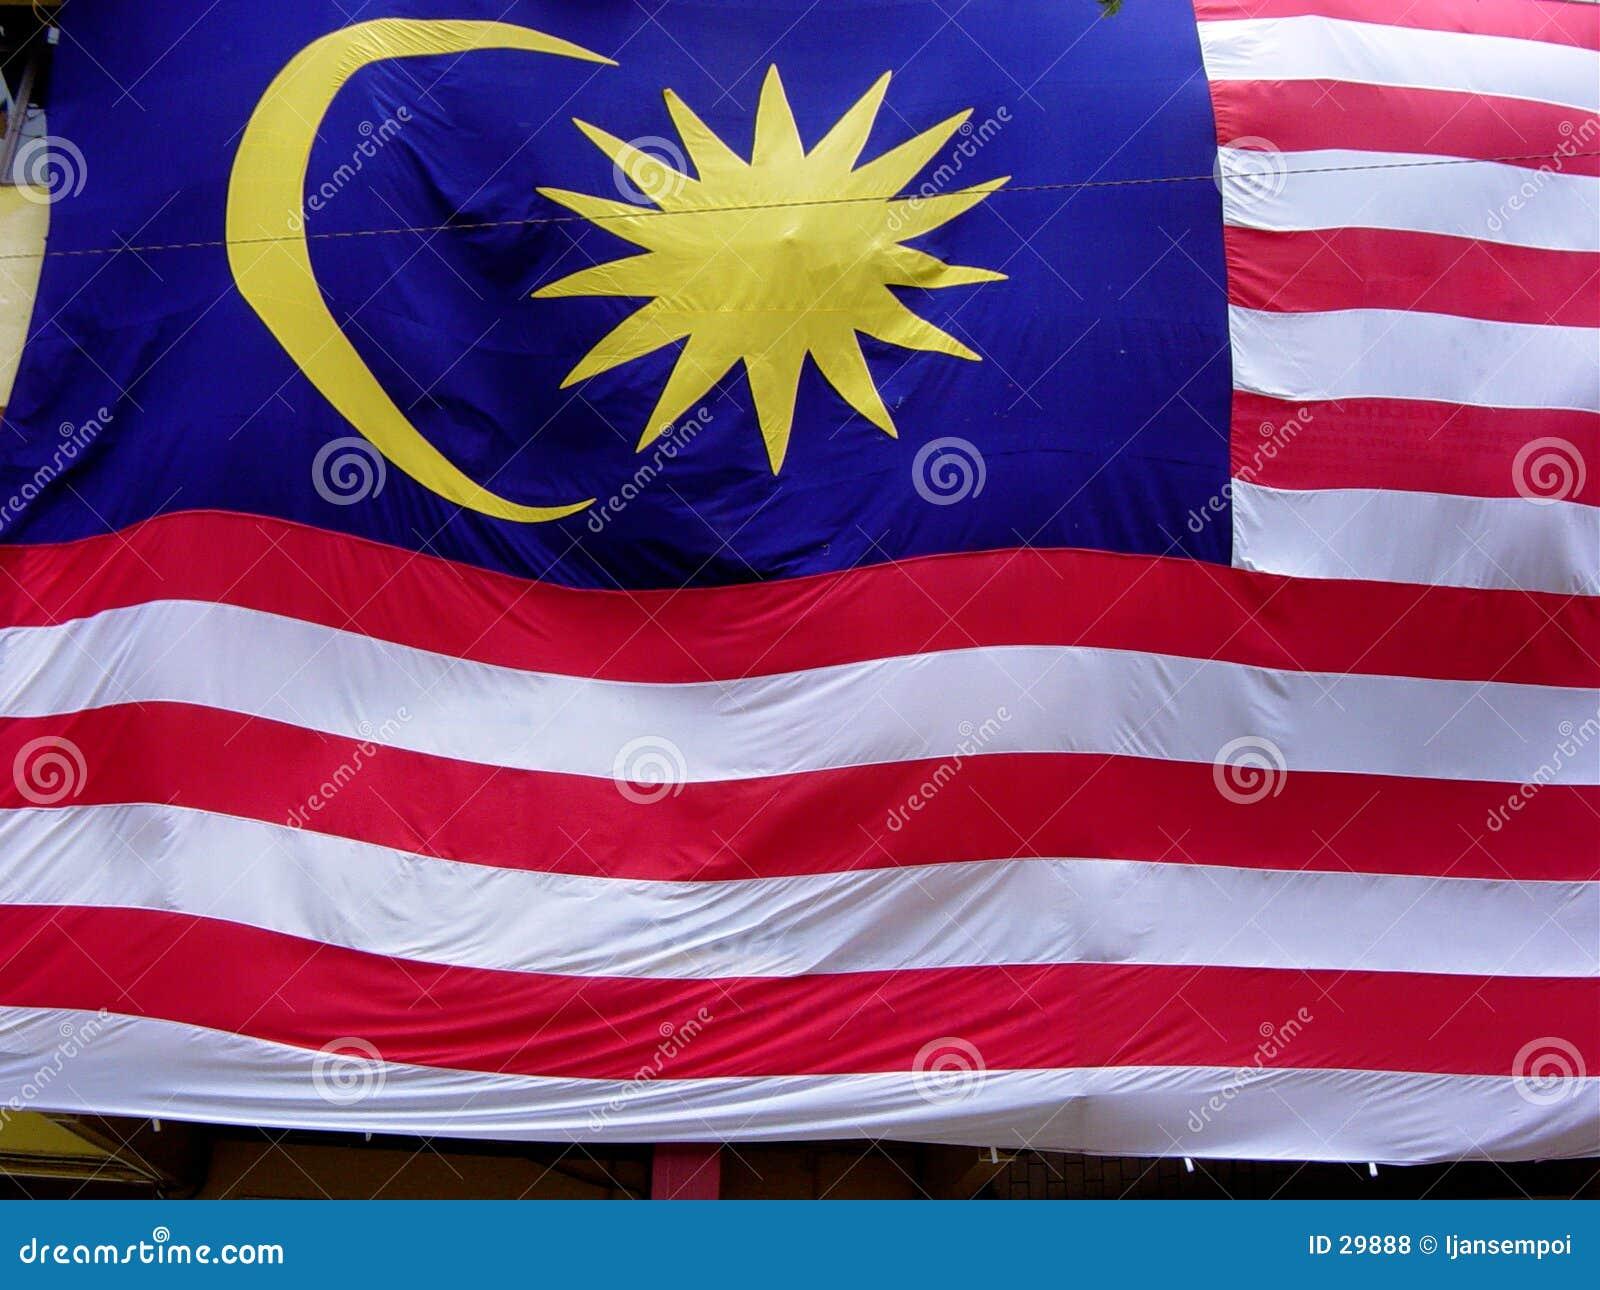 Download Indicador de Malasia foto de archivo. Imagen de estándar - 29888